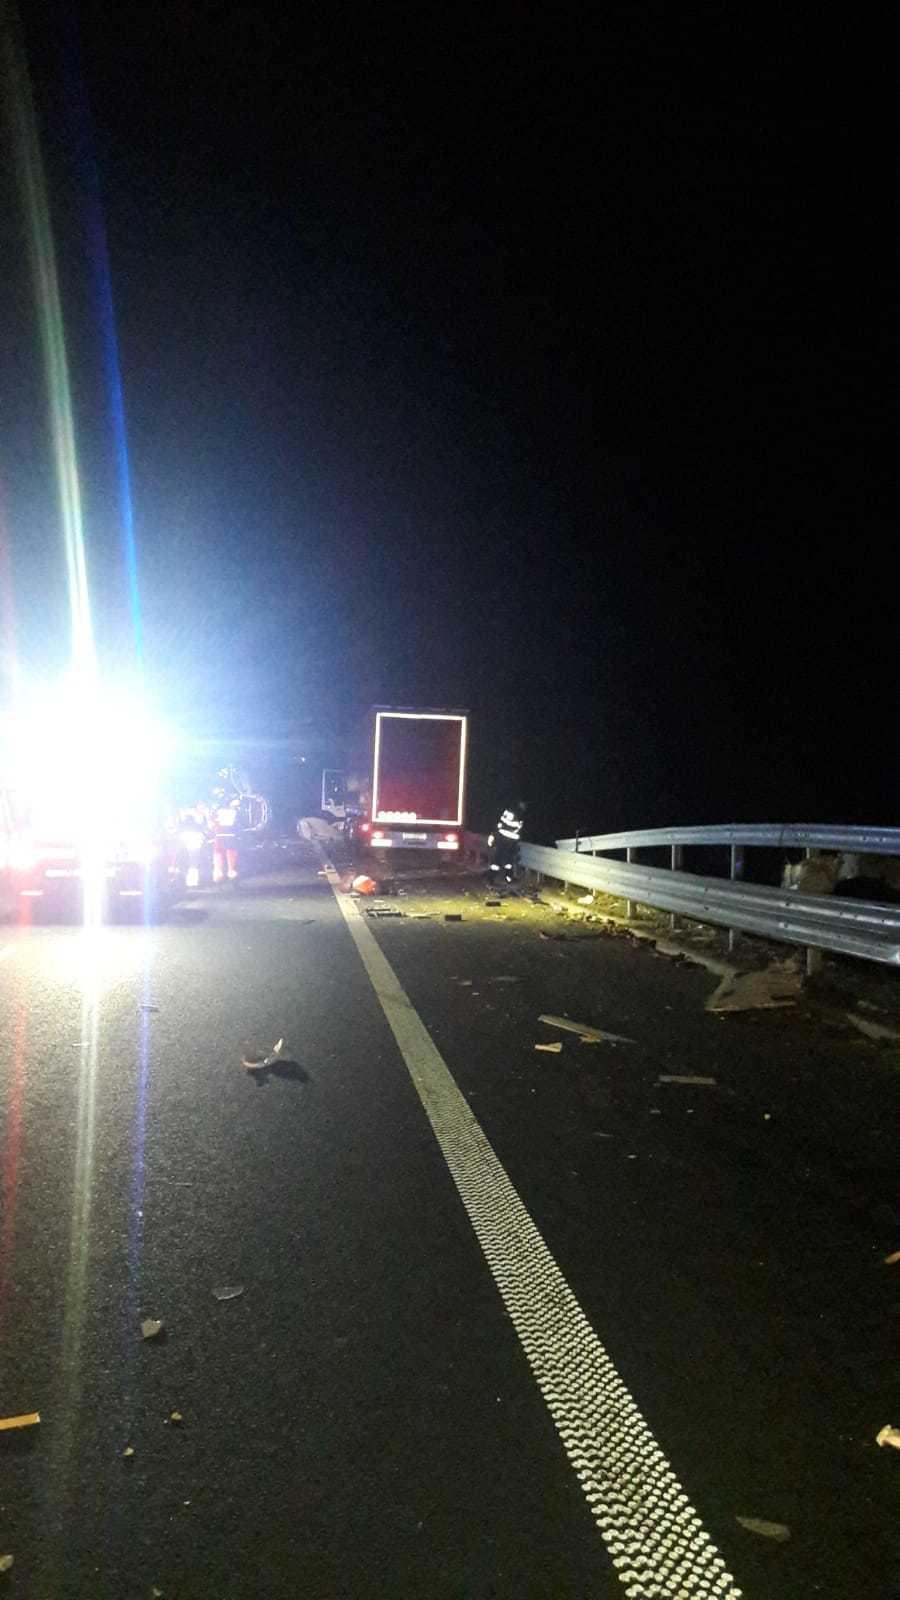 Doi bărbaţi au fost loviţi mortal de un autotren, pe Autostrada A1 Lugoj-Deva, în timp ce reparau o maşină. Traficul rutier este deviat